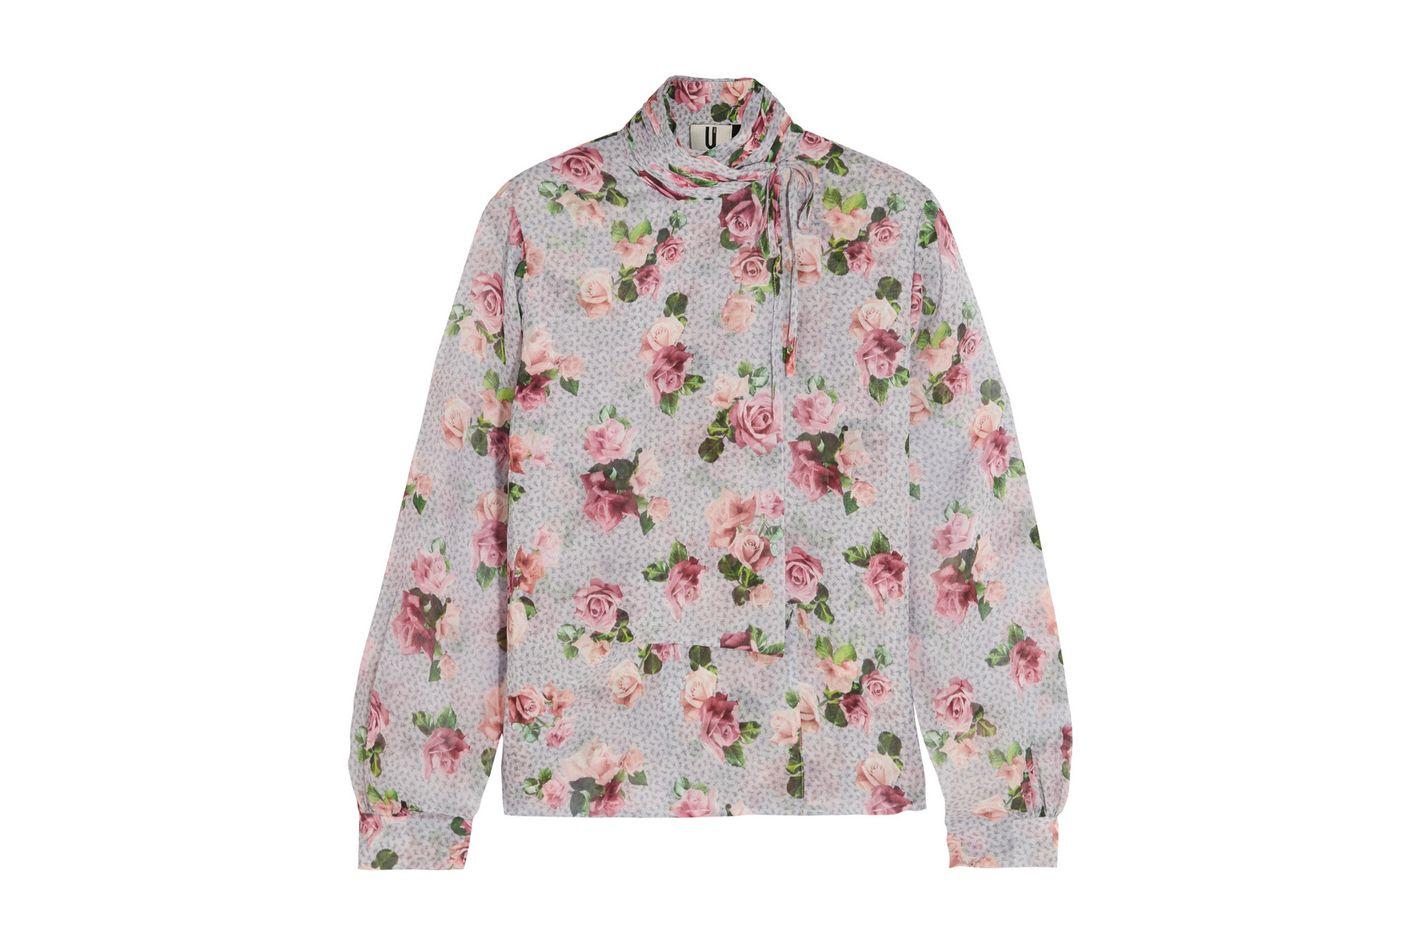 Topshop Unique Aubrey floral blouse